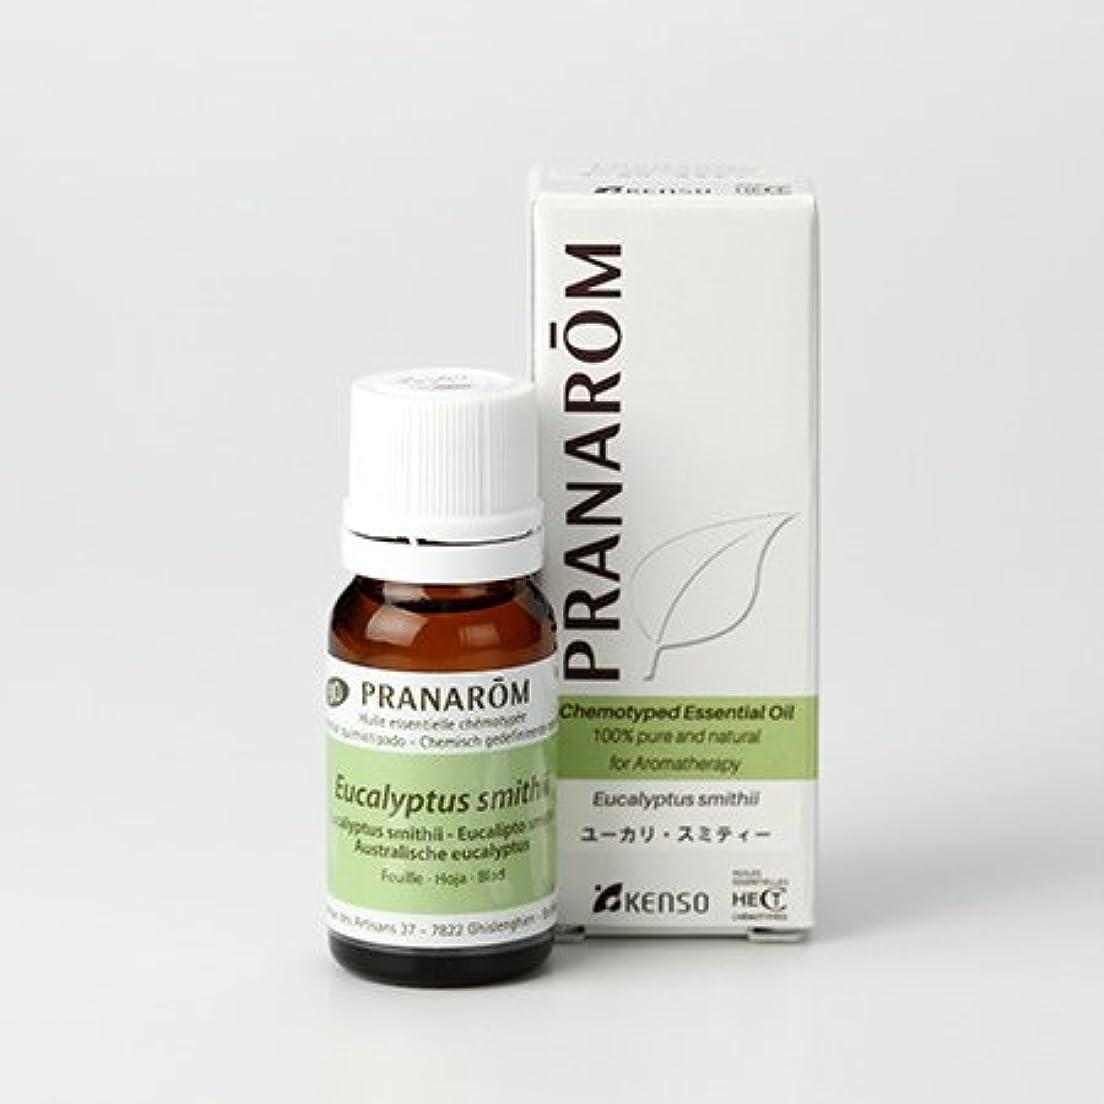 クスクス違反切断するプラナロム ユーカリスミティー 10ml (PRANAROM ケモタイプ精油)